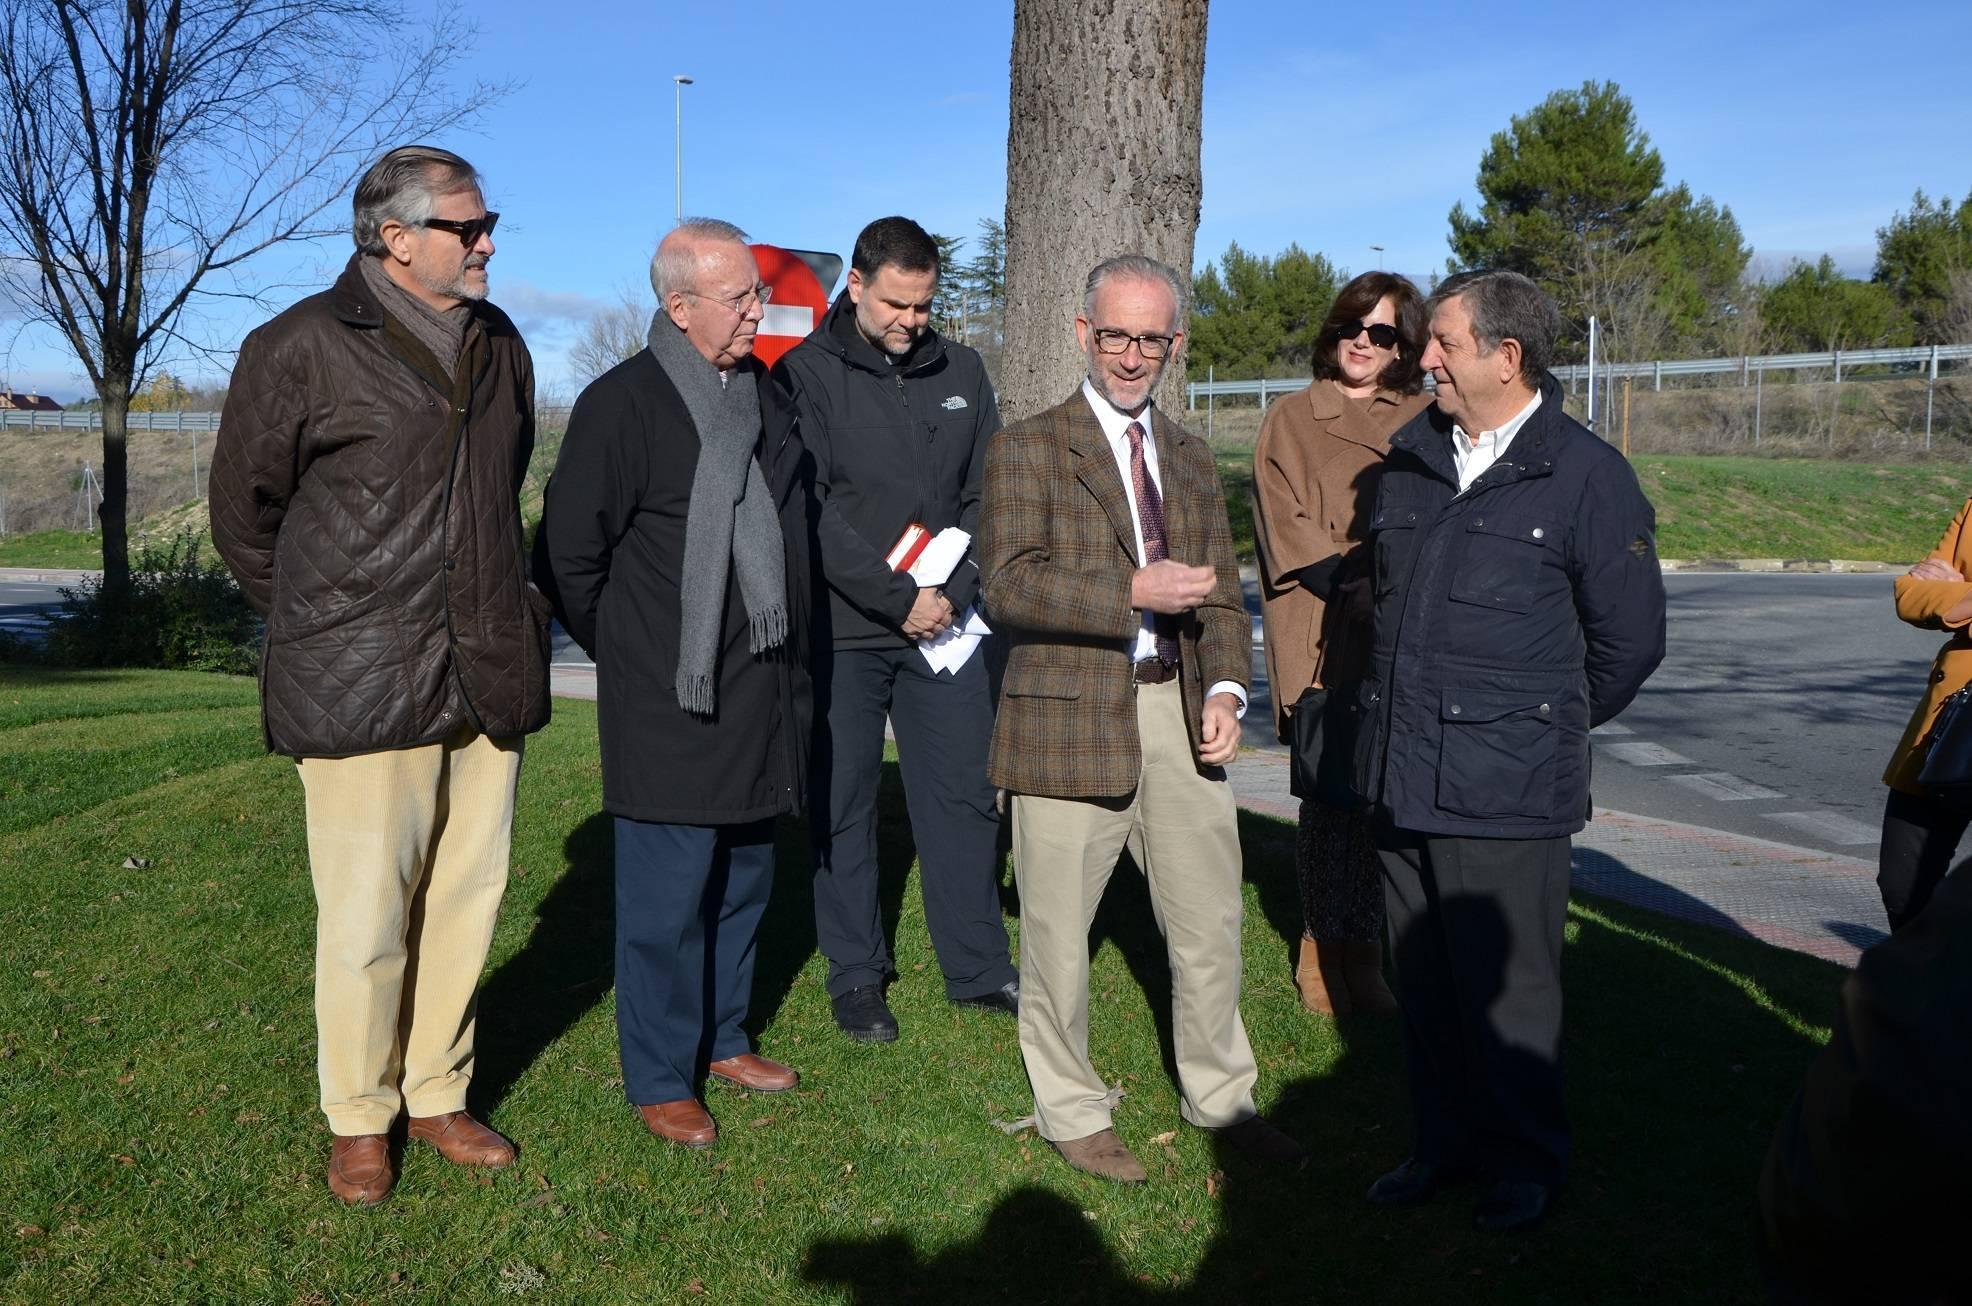 El alcalde, Luis Partida, acompañado de miembros de la comunidad de propietarios de la urbanización y promotores de la iniciativa.